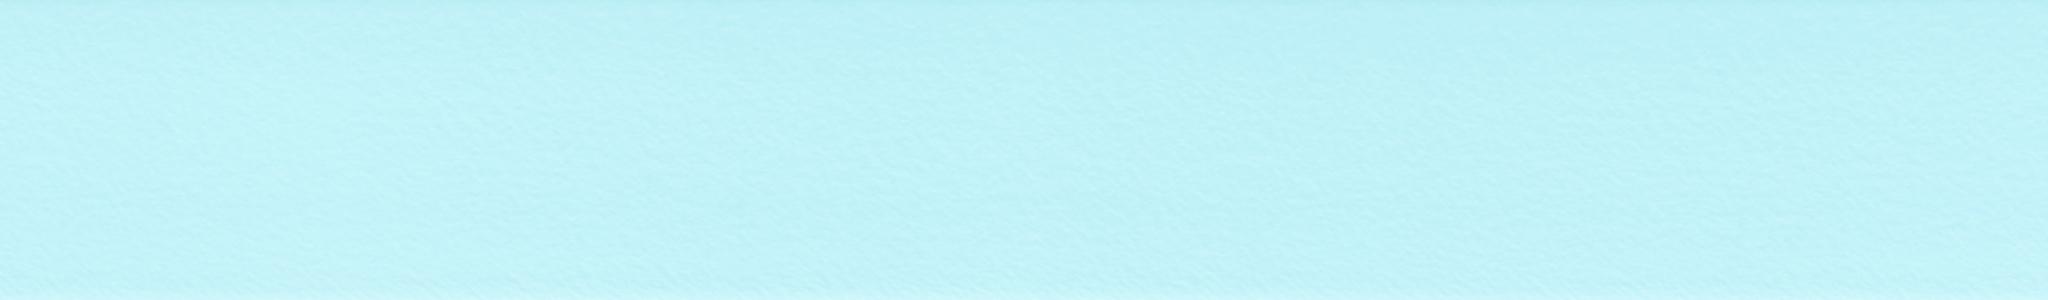 HU 158015 кромка ABS синяя жемчуг тонкая структура 107